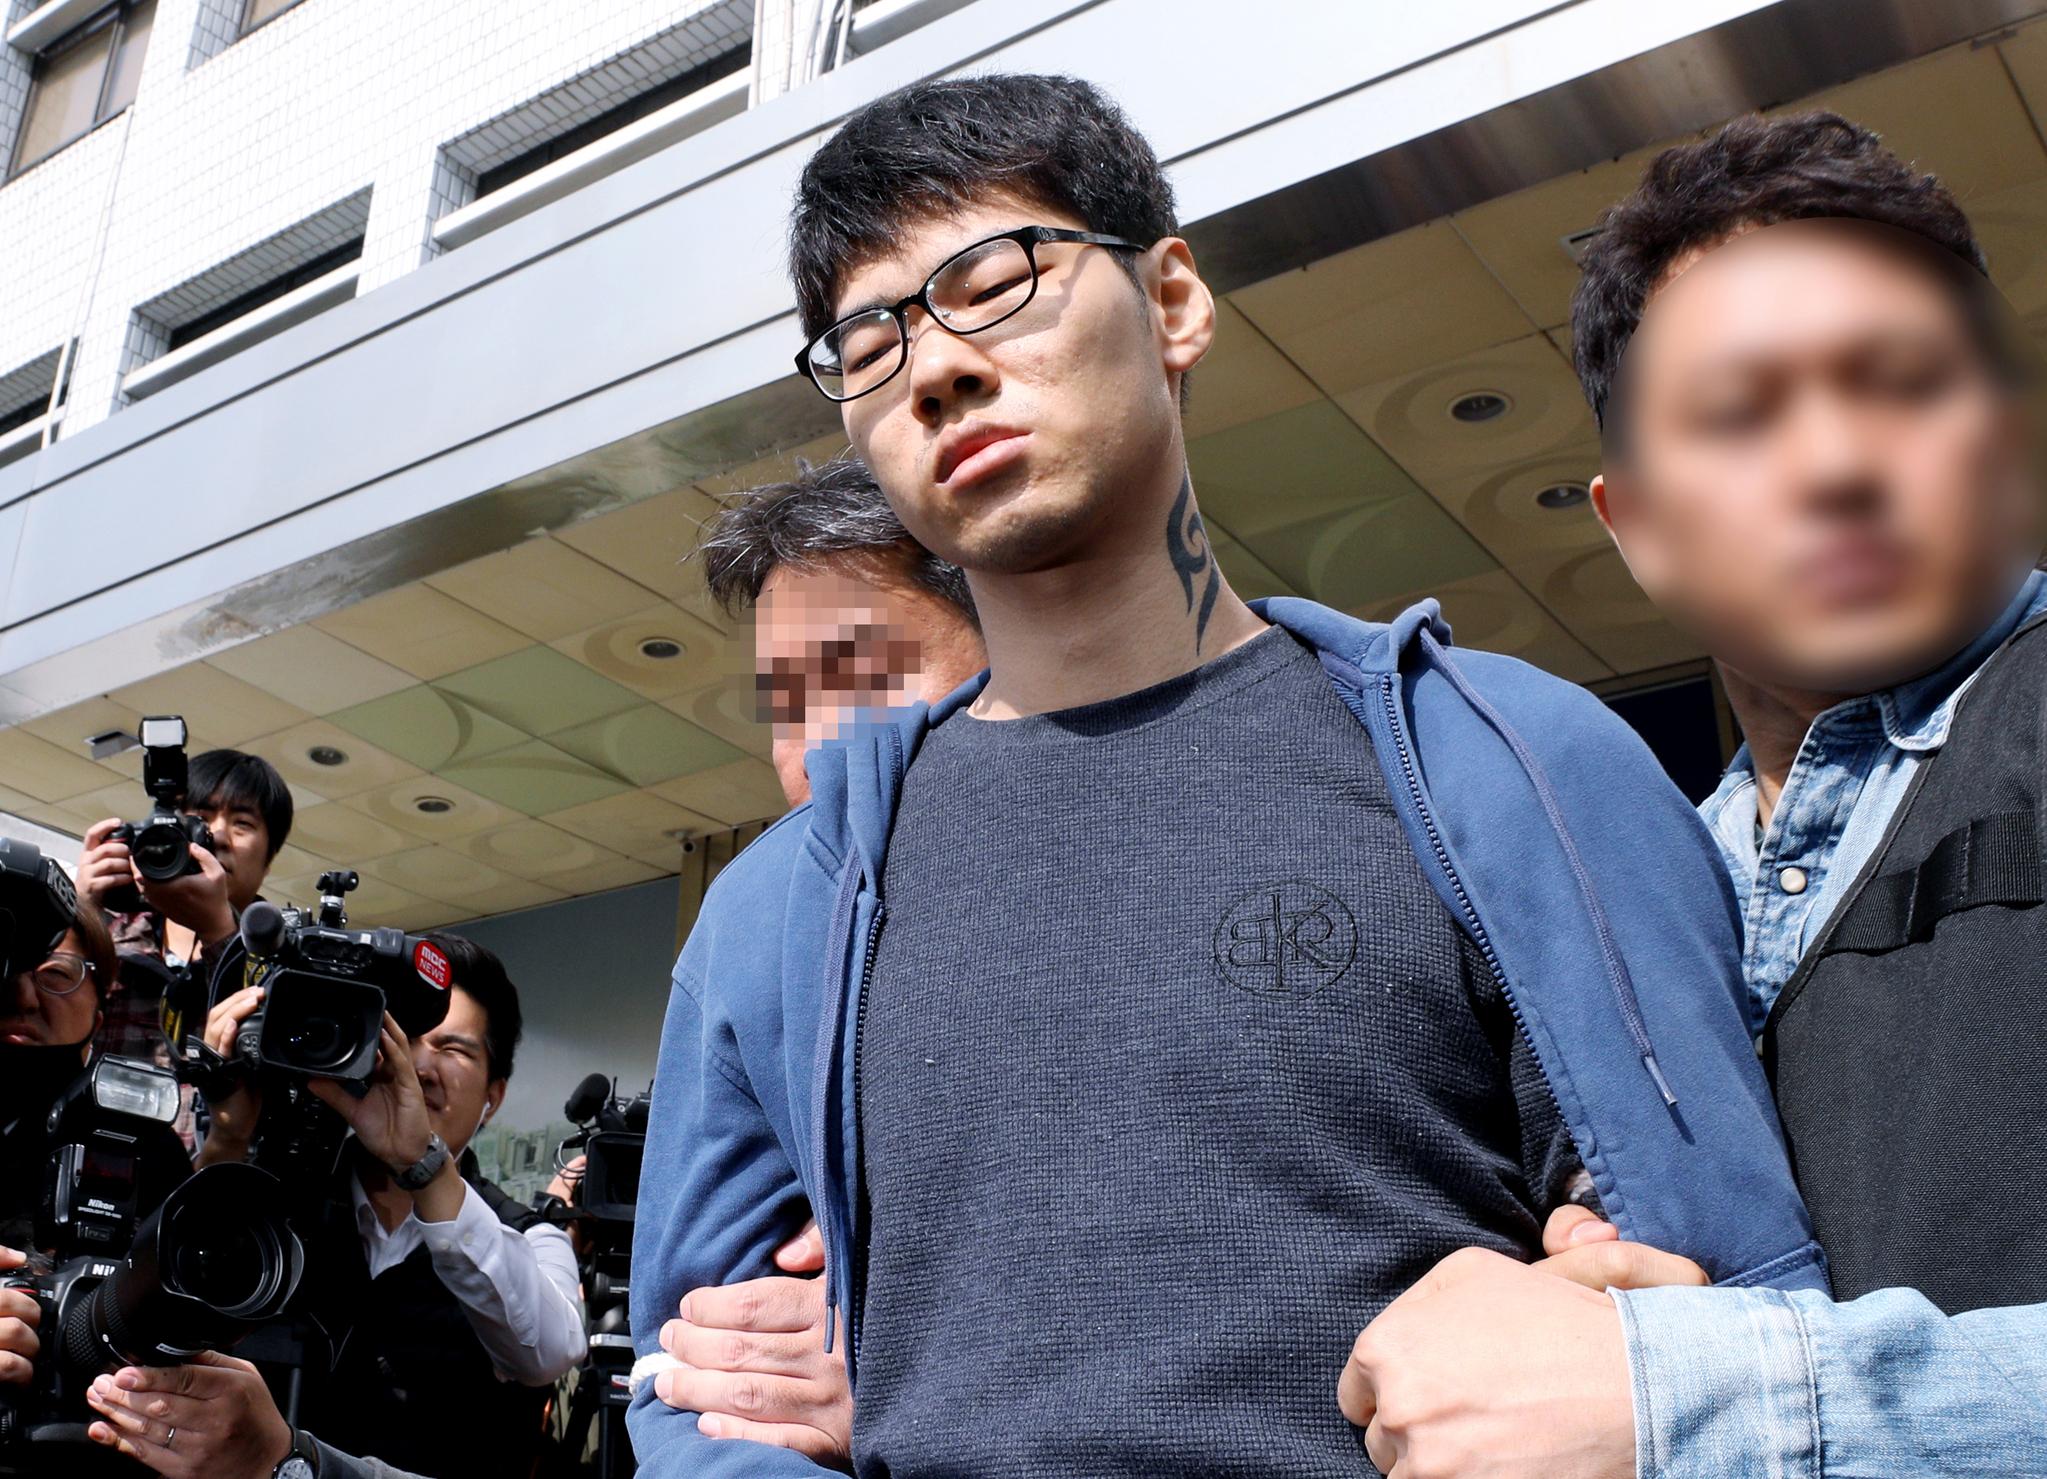 PC방 아르바이트생을 살해한 혐의로 구속된 피의자 김성수(29). [뉴스1]